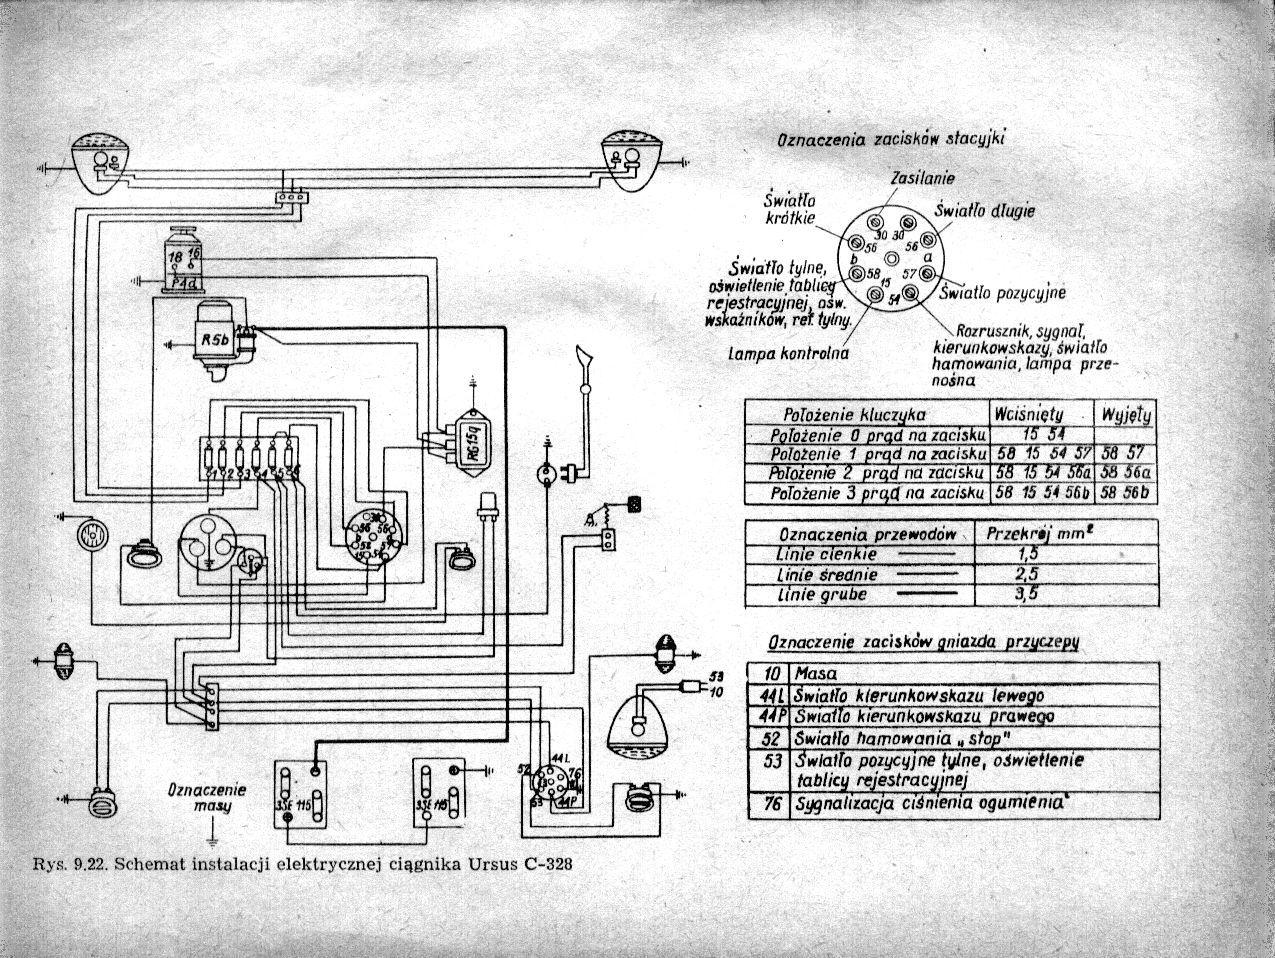 Schemat Instalacji Elektrycznej C 360 3p